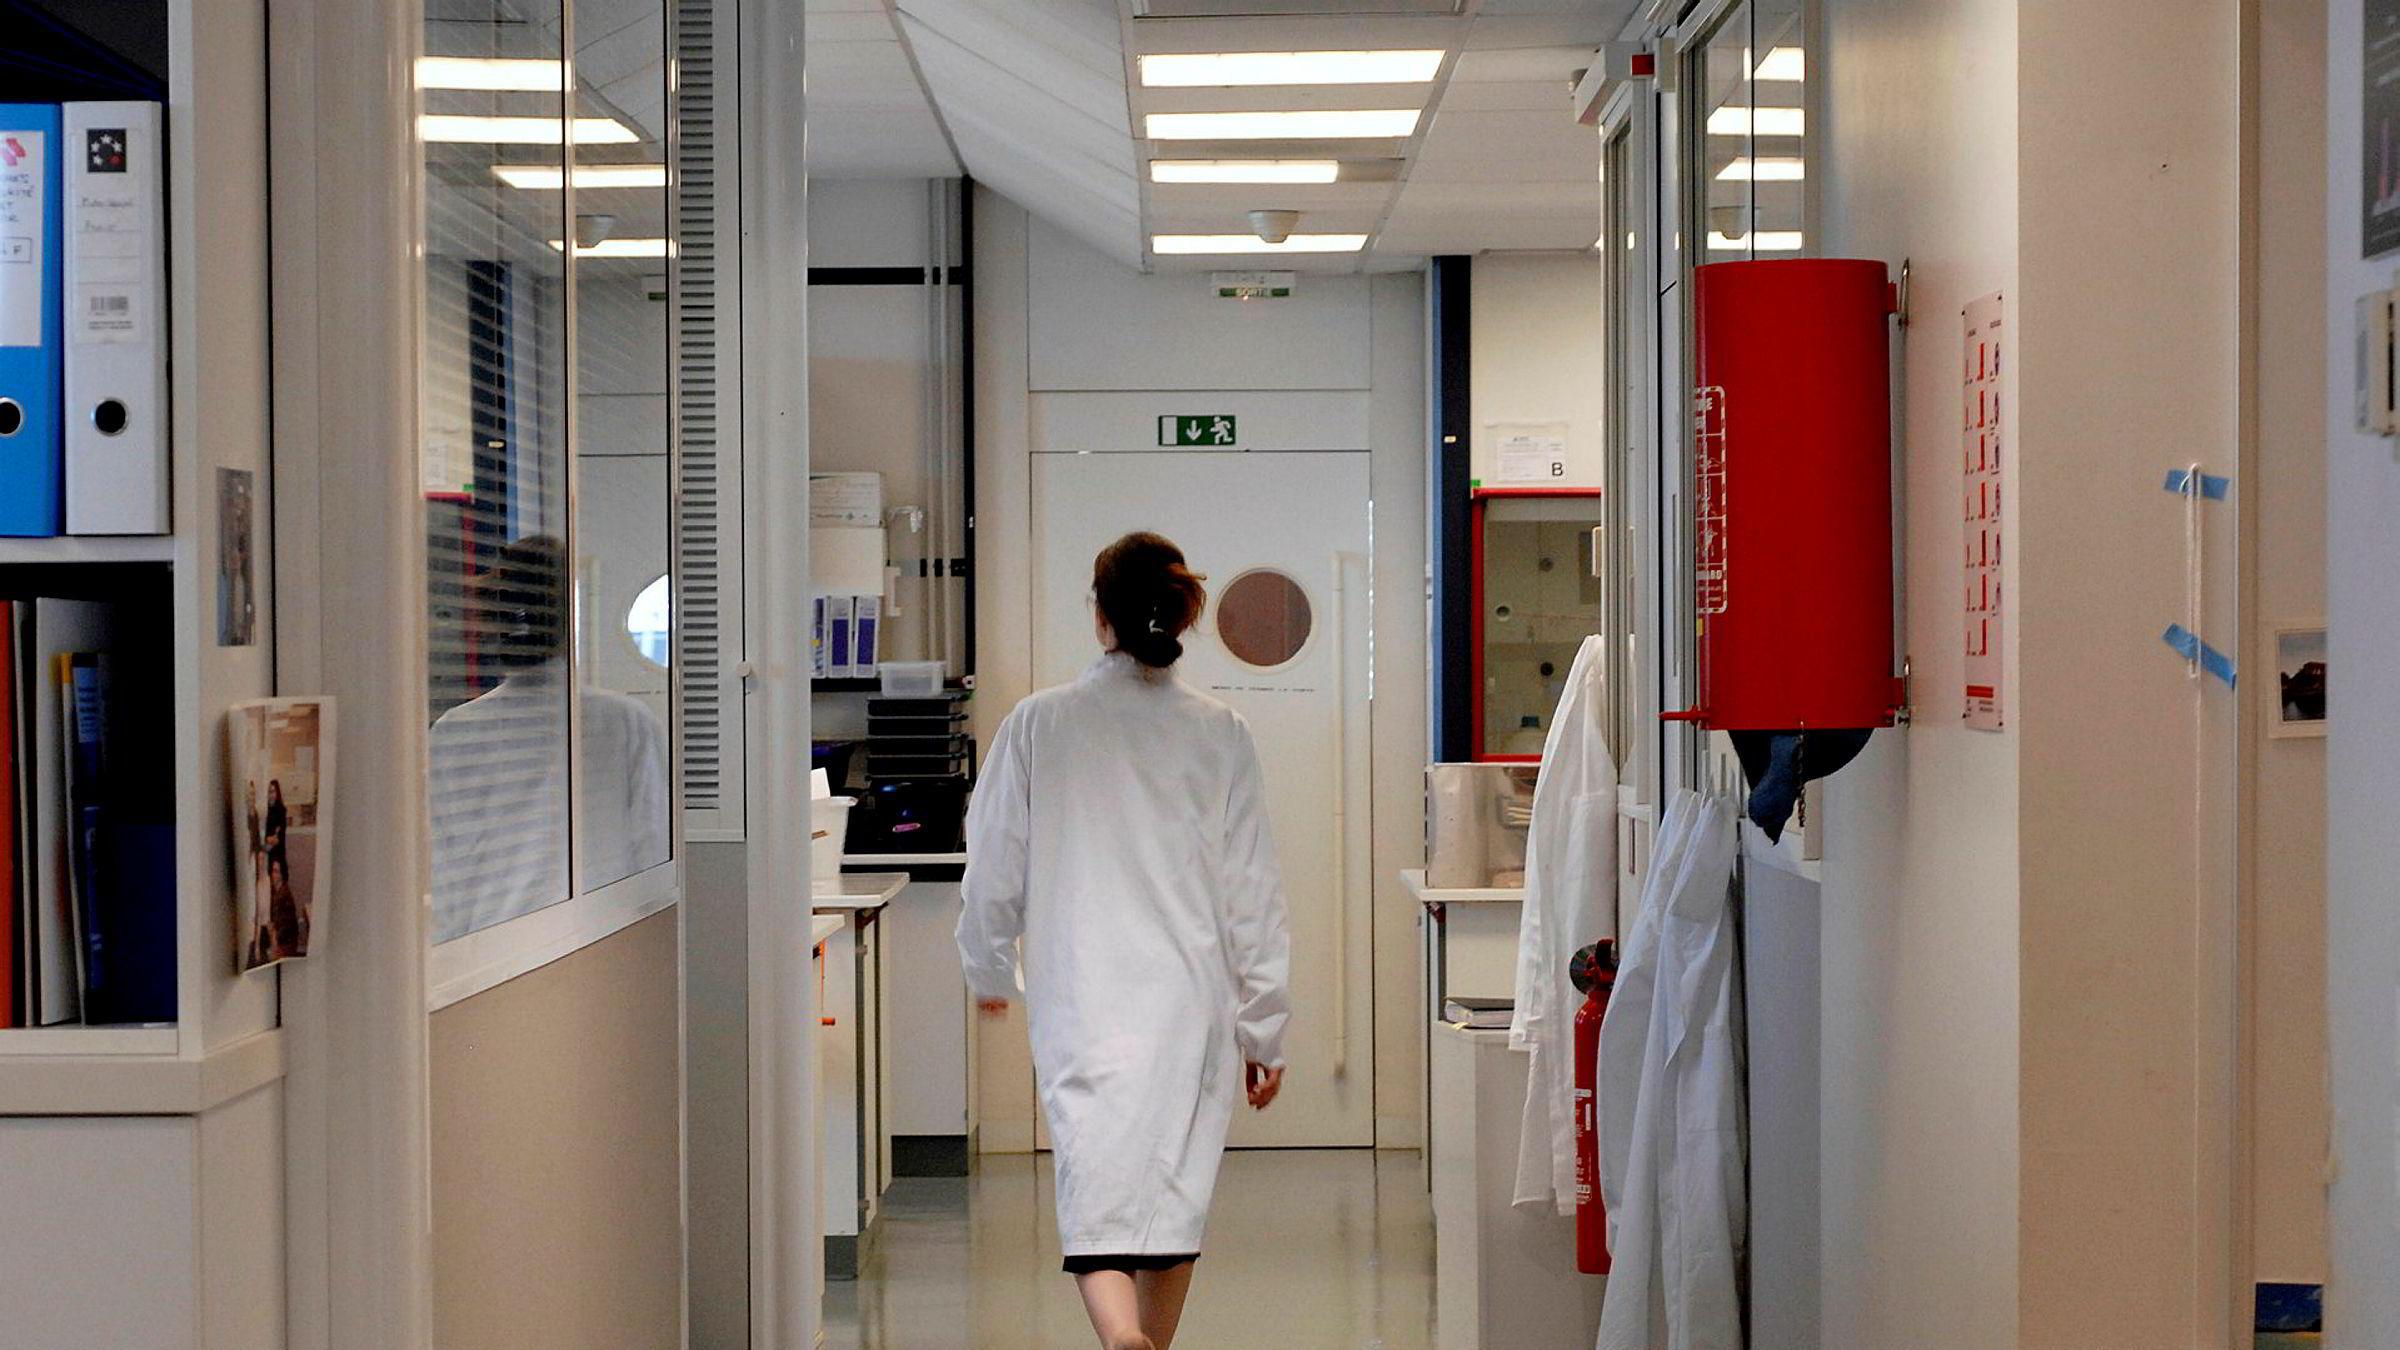 Mange ser nok også for seg laboratorium med stikkende, blått lys og unge, hvitkledde ingeniører med pc-er og mikroskoper. Det er imidlertid ikke bare når det gjelder nye legemidler og nye produkter helsenæringen utvikler seg, skriver artikkelforfatteren.